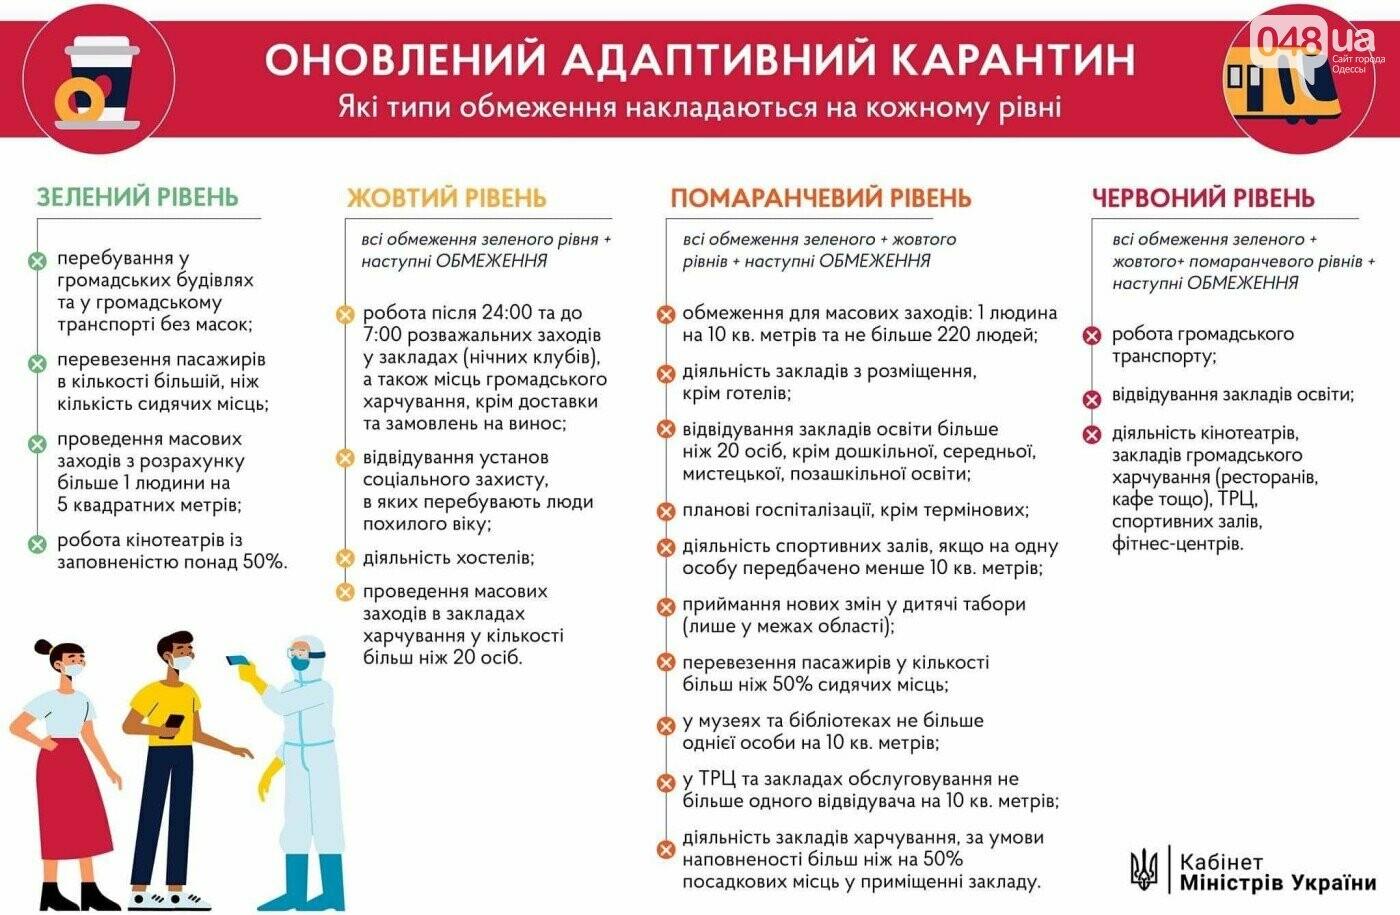 В Одесской области с 19 октября начали действовать новые карантинные зоны, - СПИСОК, фото-1